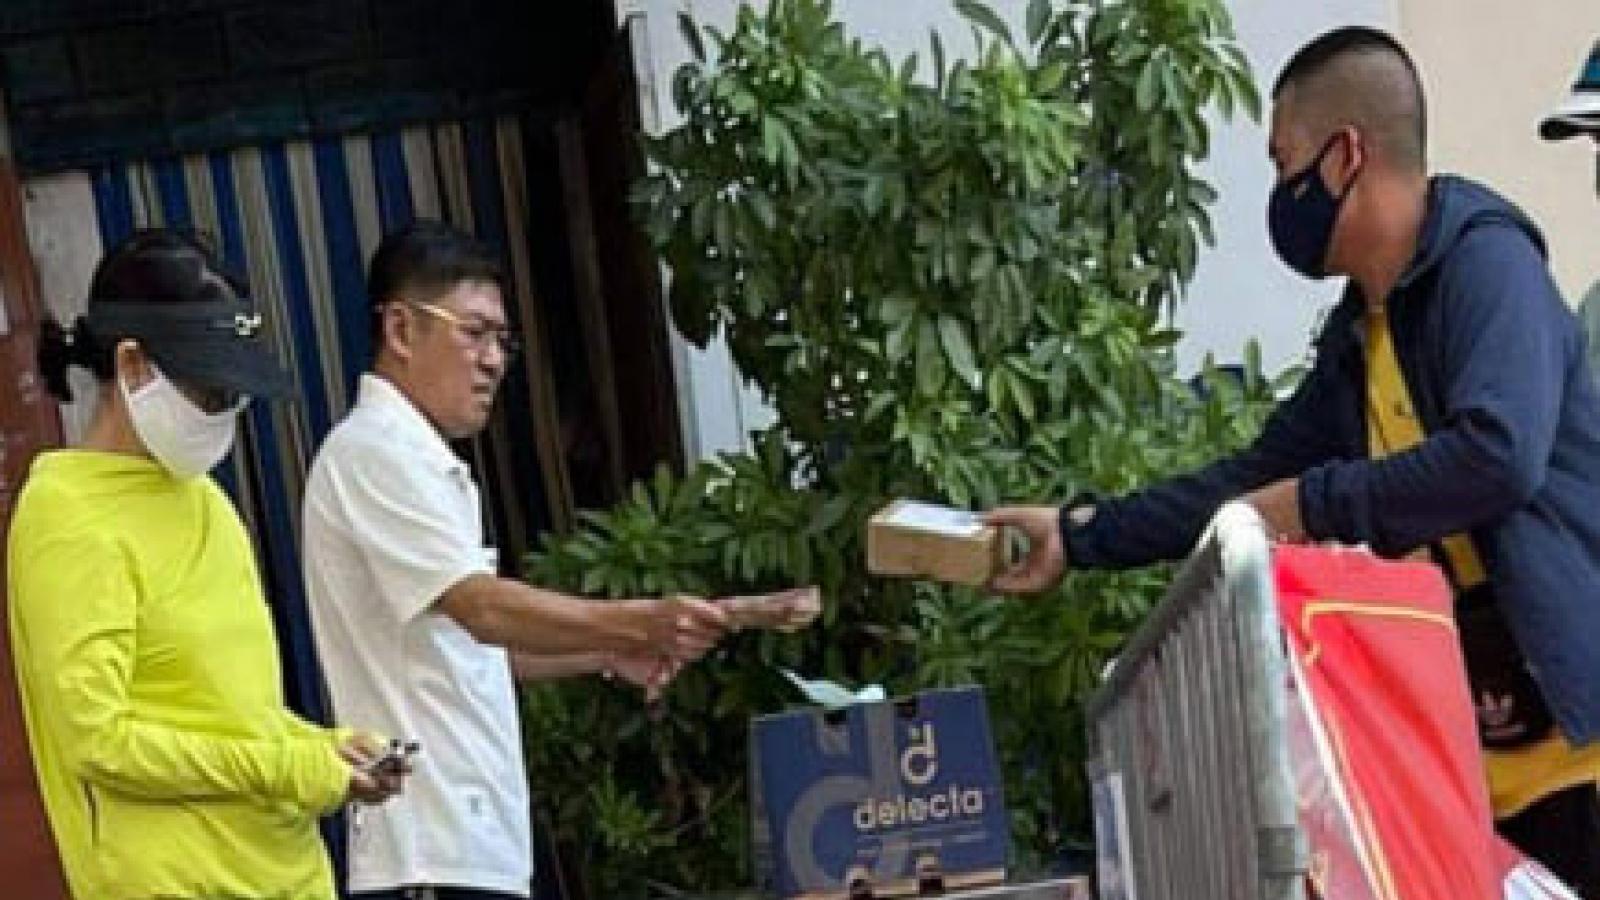 Bí thư Đảng uỷ phường ở Hà Nội bị phạt 2 triệu đồng vì không đeo khẩu trang